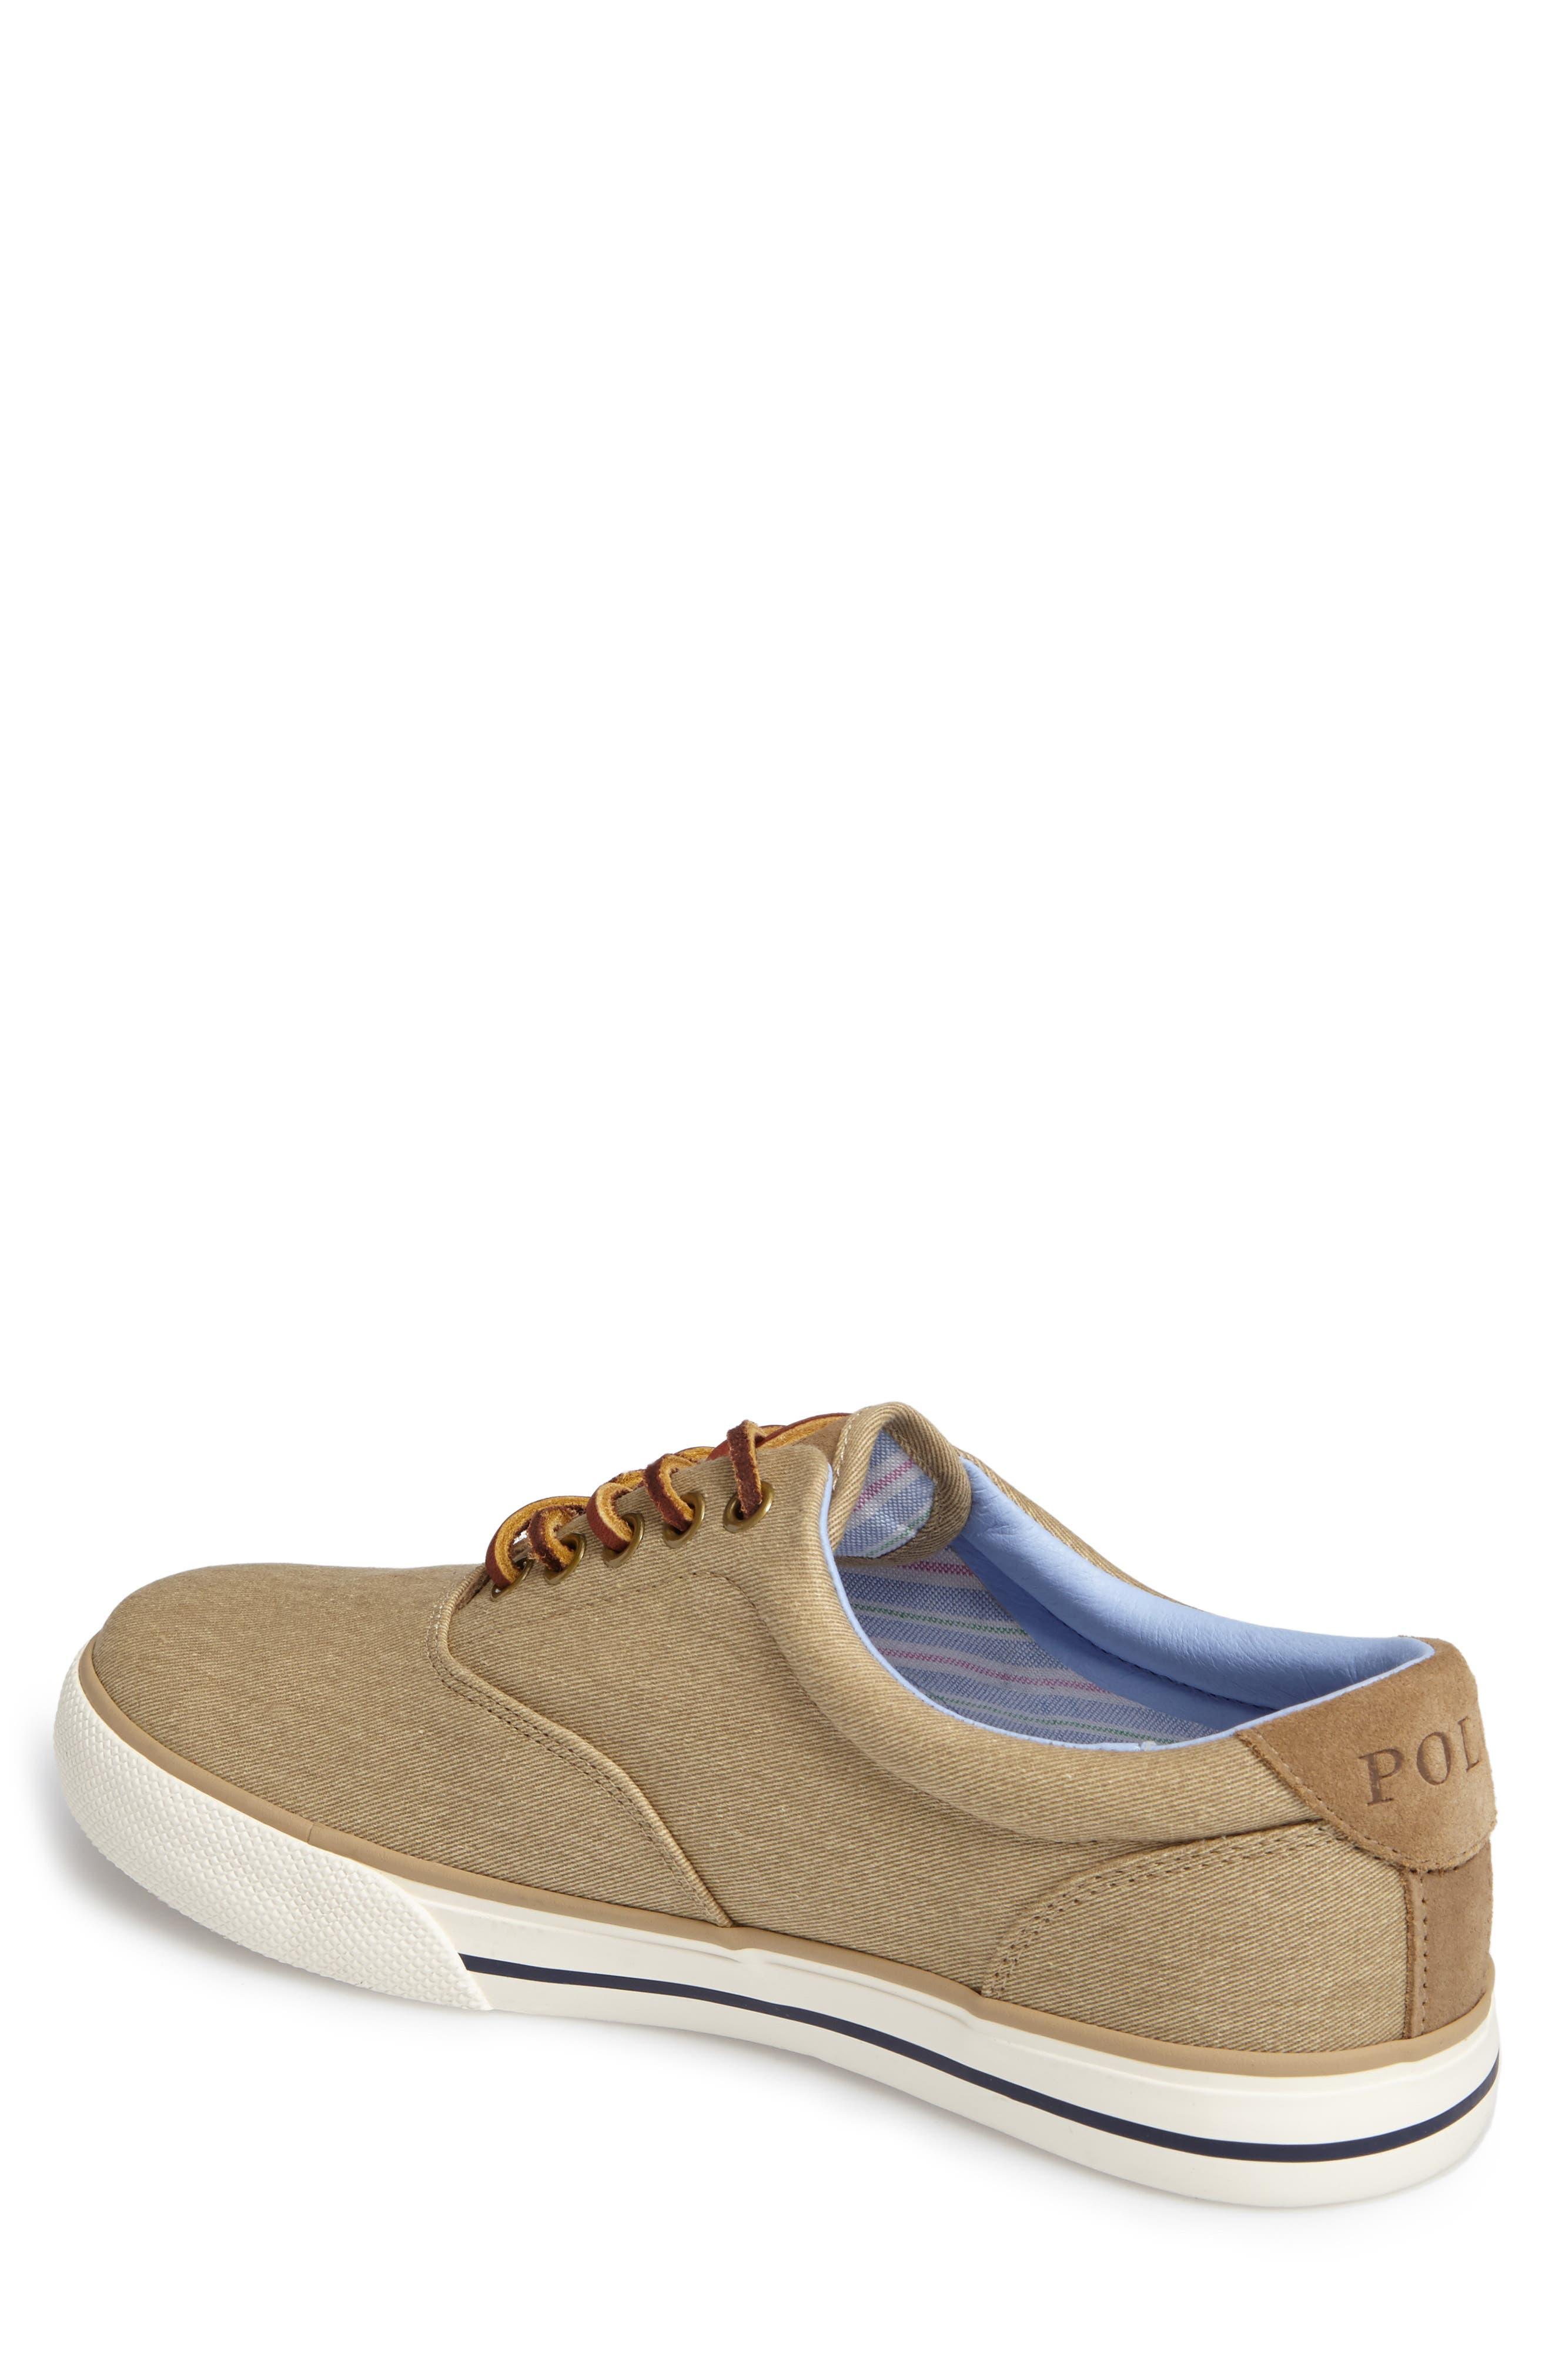 Vaughn Sneaker,                             Alternate thumbnail 11, color,